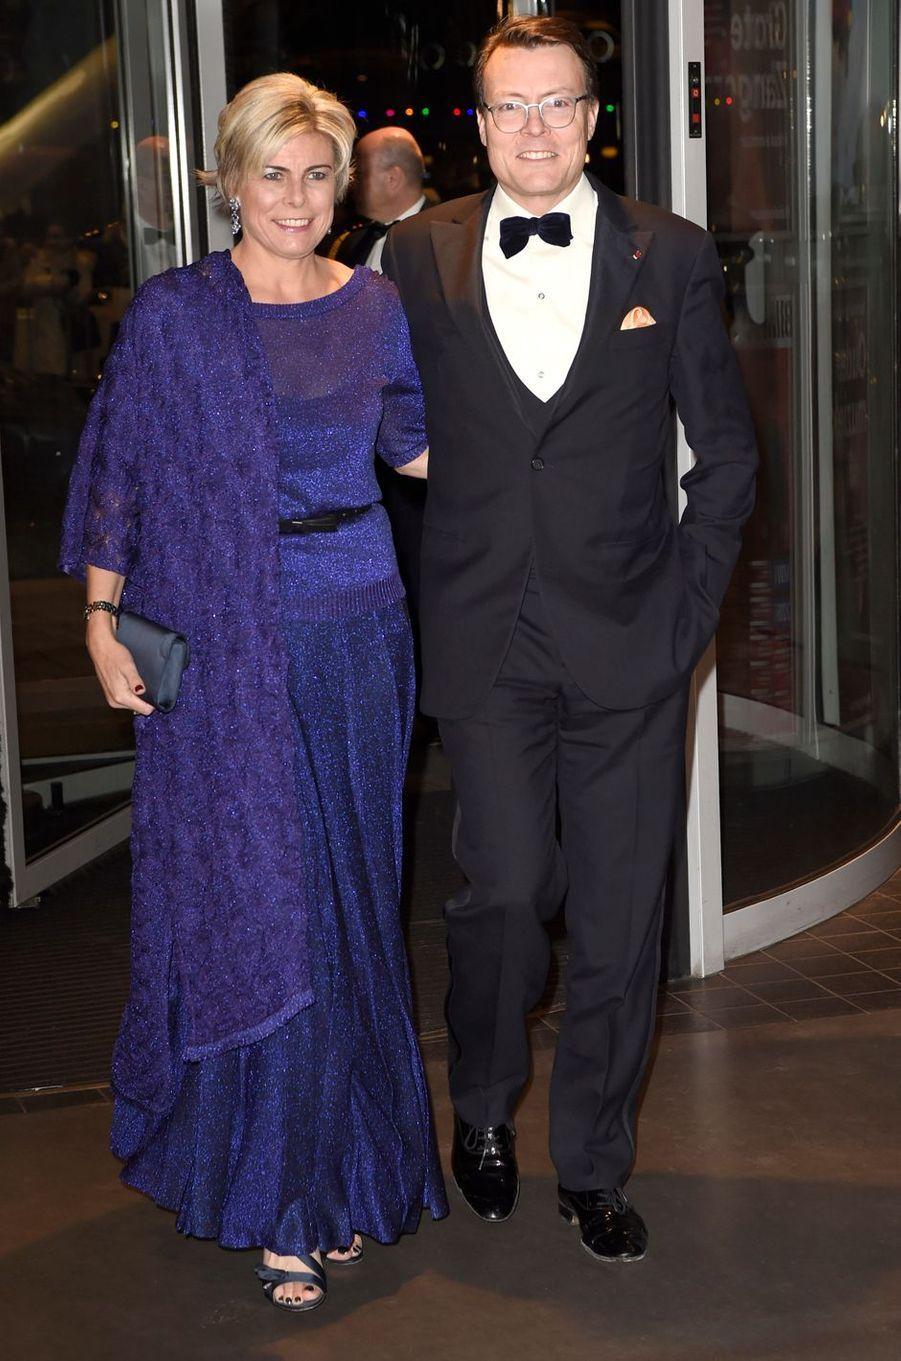 La princesse Laurentien et le prince Constantijn des Pays-Bas à Amsterdam, le 29 novembre 2016